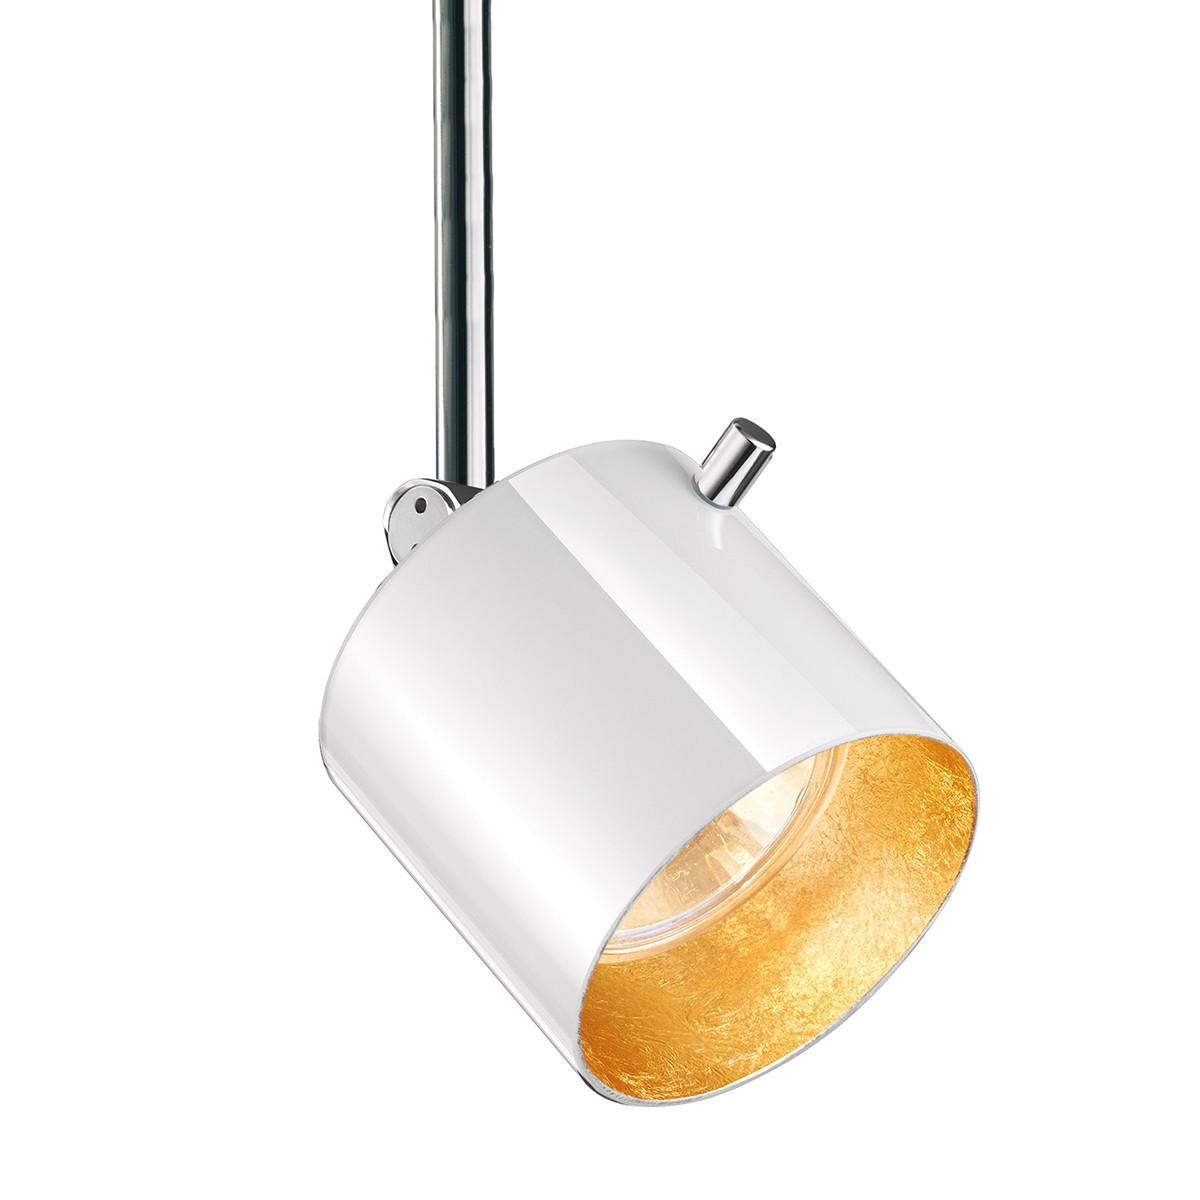 Bruck 800241 Glas Entblendring / Glasring für Strahler, Stift: Chrom / Glas: weiß - Gold